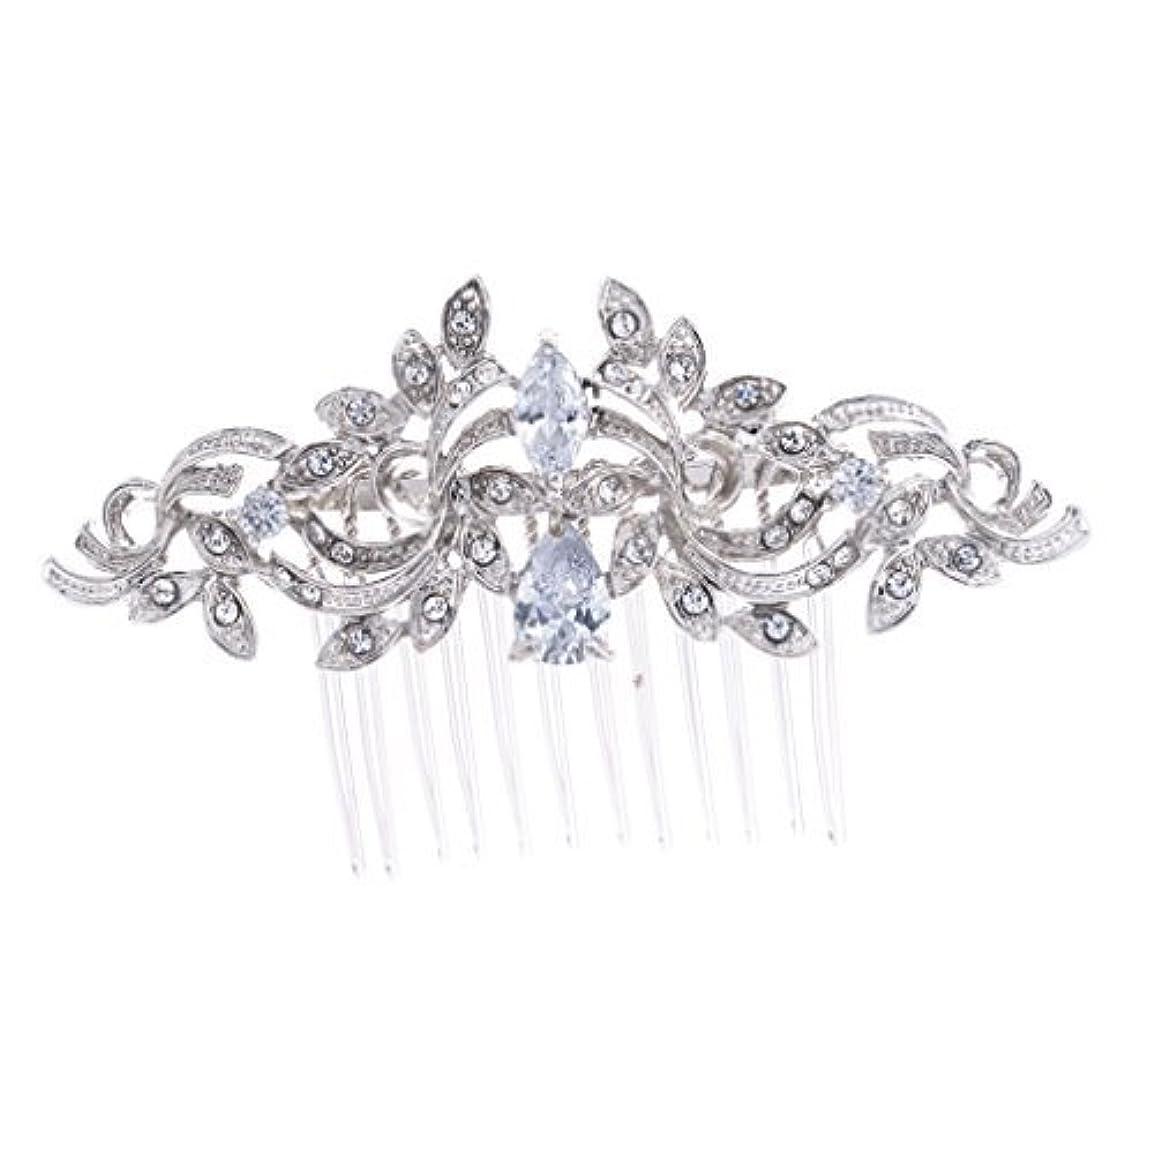 慣習花婿団結するSEPBRIDALS Crystal Rhinestone Leaves Hair Comb Hair Pins Bridal Wedding Hair Accessories Jewelry 4012R [並行輸入品]